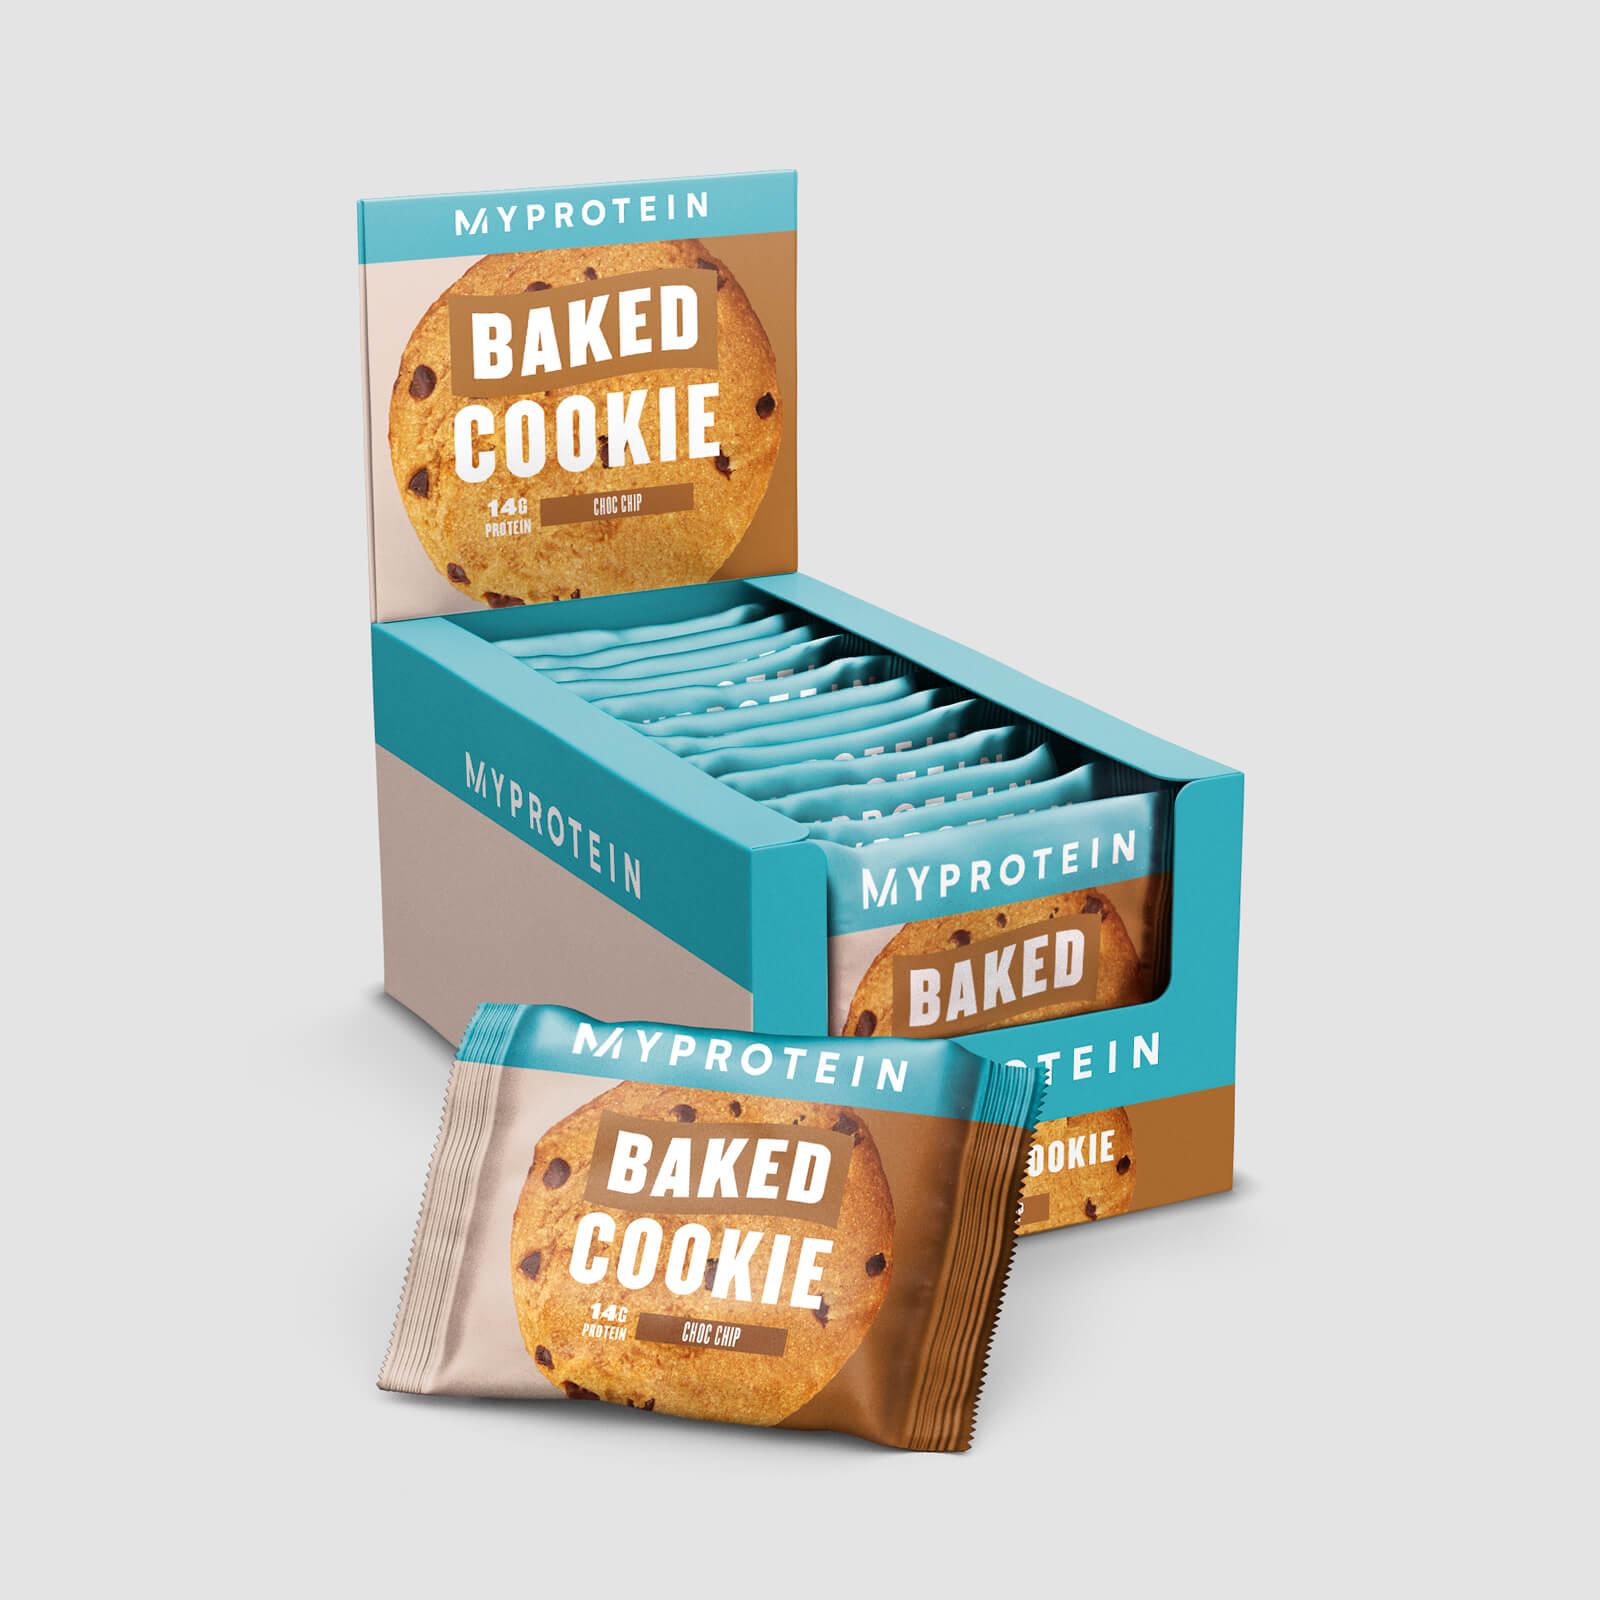 Myprotein Baked Protein Cookie - Chocolate Chip